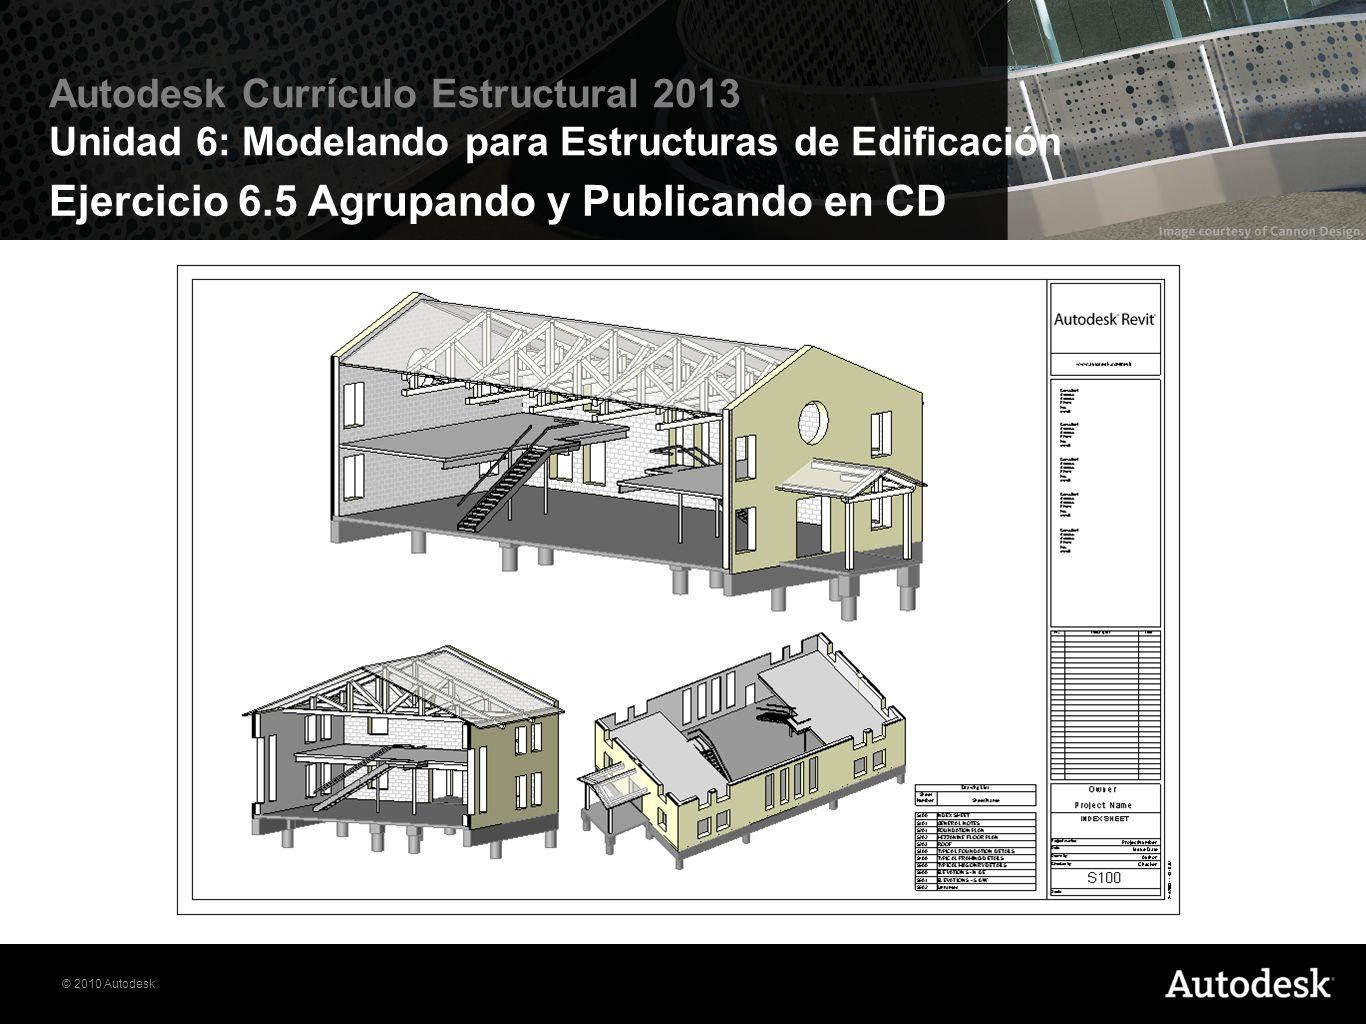 © 2010 Autodesk Autodesk Currículo Estructural 2013 Unidad 6: Modelando para Estructuras de Edificación Ejercicio 6.5 Agrupando y Publicando en CD